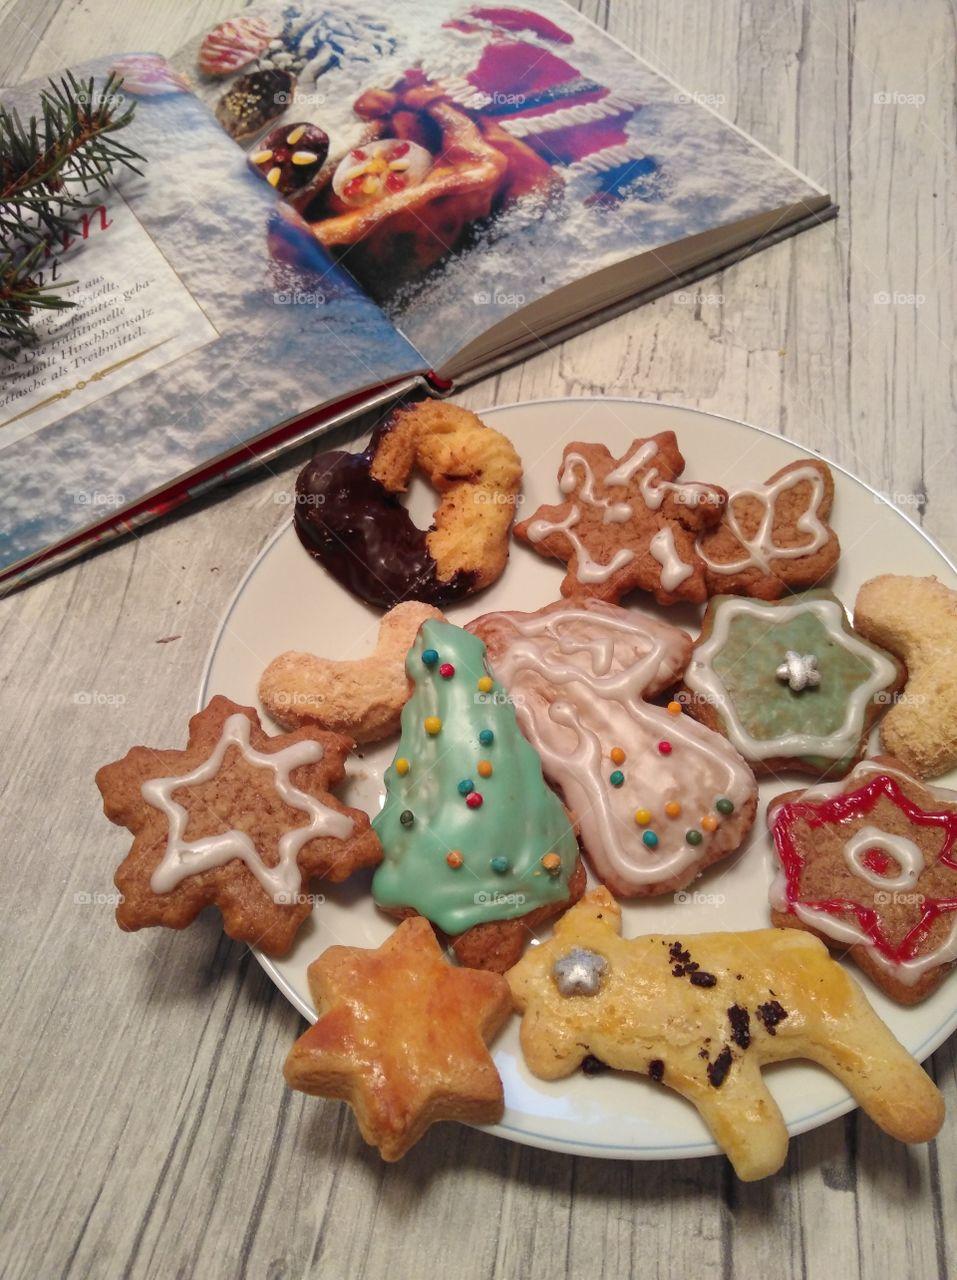 Preparing snacks for Santa